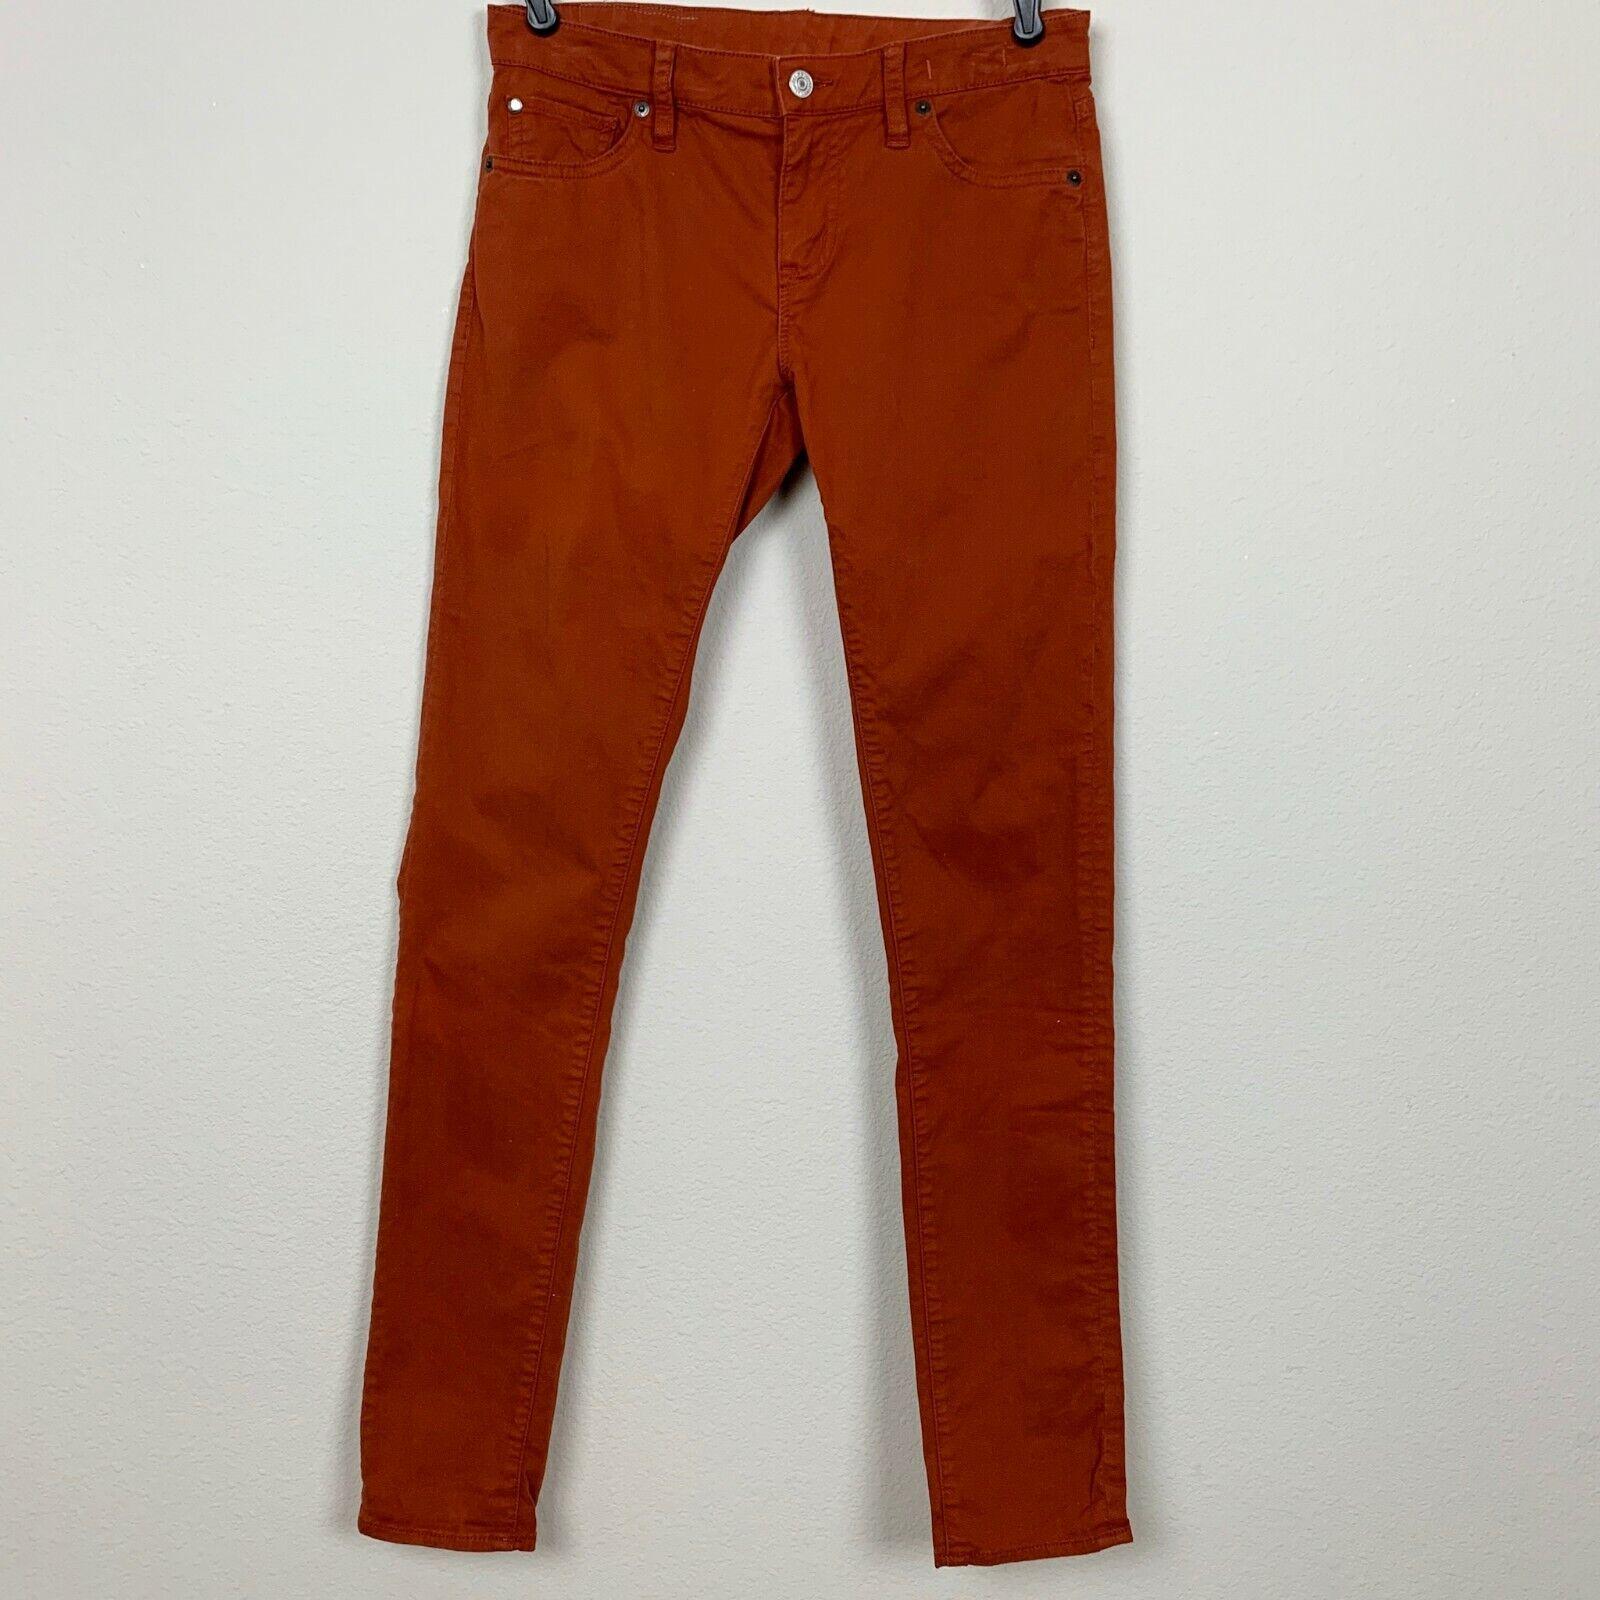 Ralph Lauren Denim & Supply Women's Skinny Pants Size 27 32